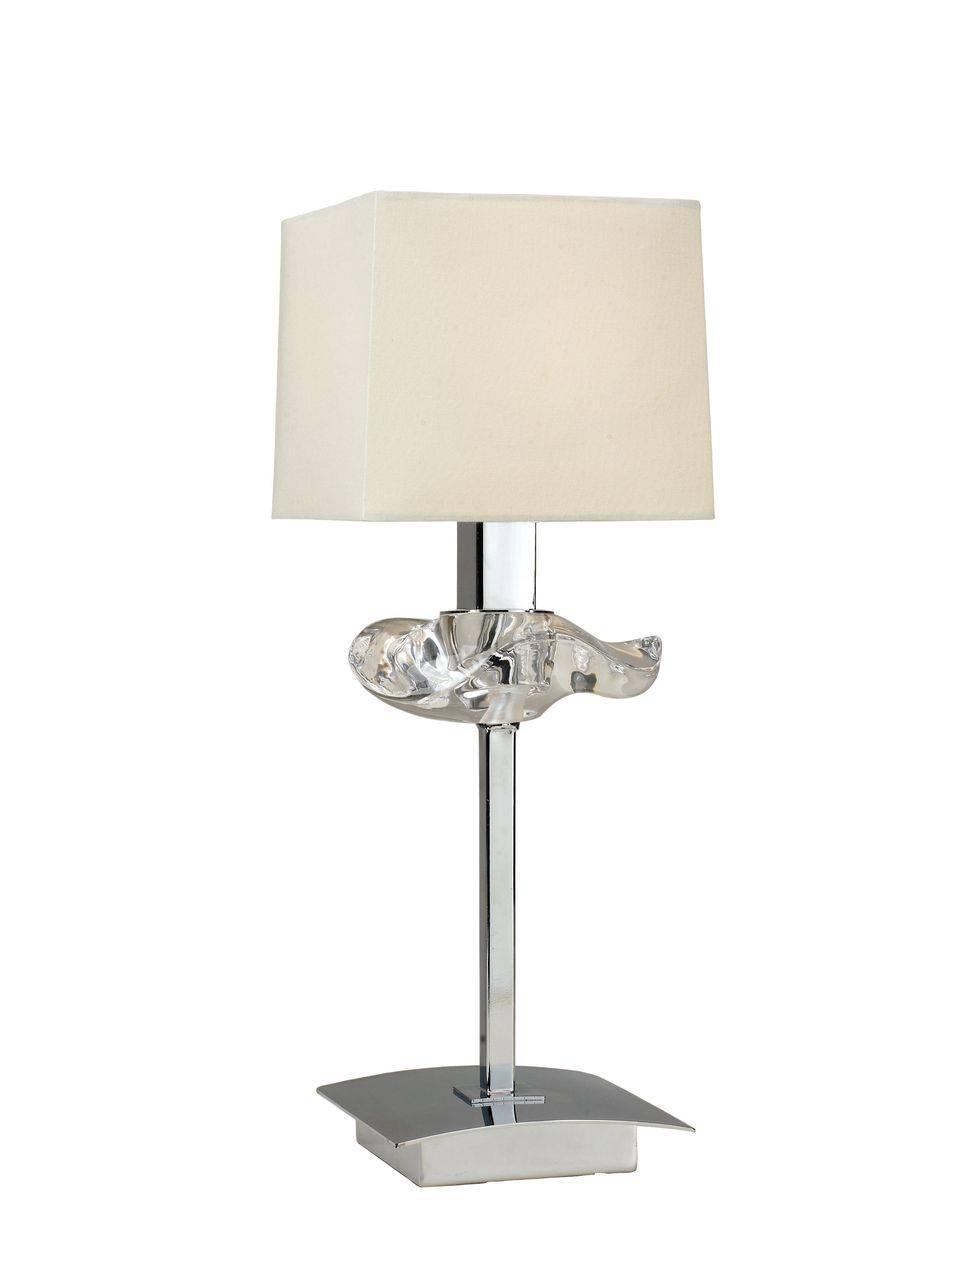 Настольная лампа Mantra Akira 0939 настольная лампа mantra akira 0789